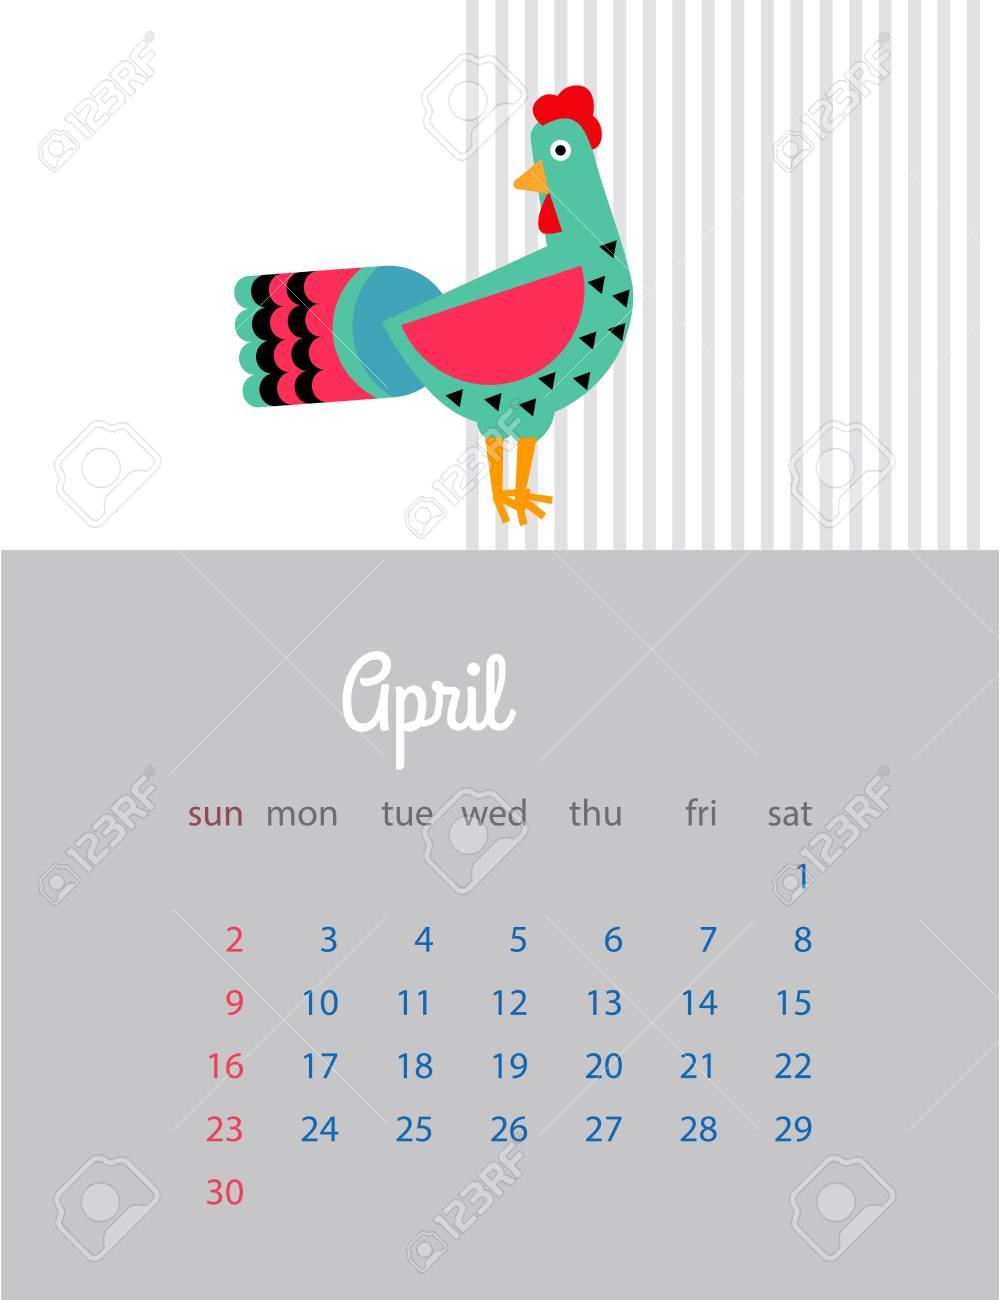 2017 のカレンダー 赤いオンドリの年 赤いオンドリとカレンダー 装飾